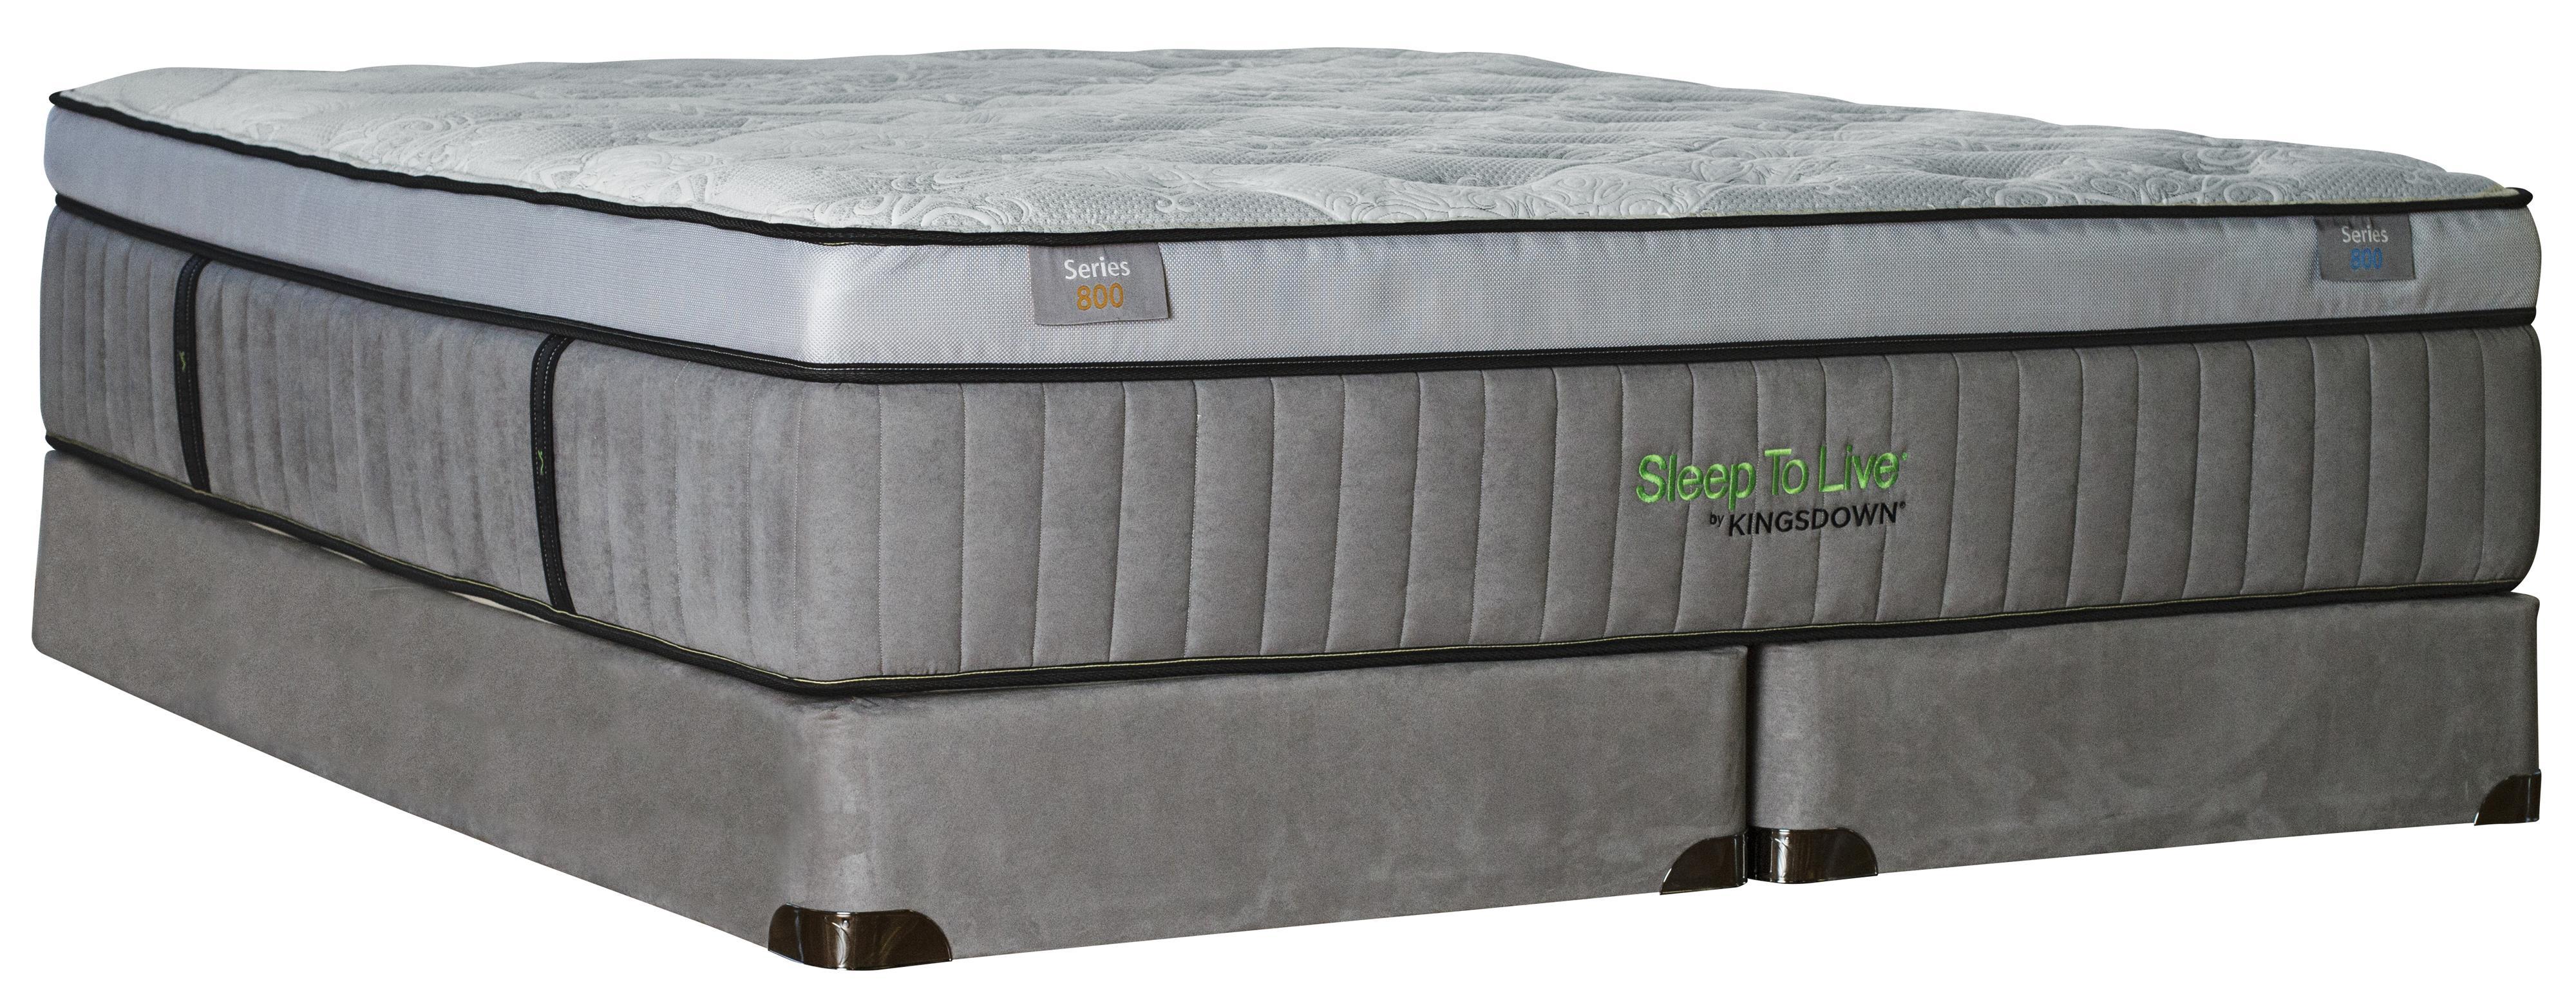 Kingsdown Sleep to Live 800 Twin XL Luxurios Box Top Mattress - Item Number: Series800-TXL